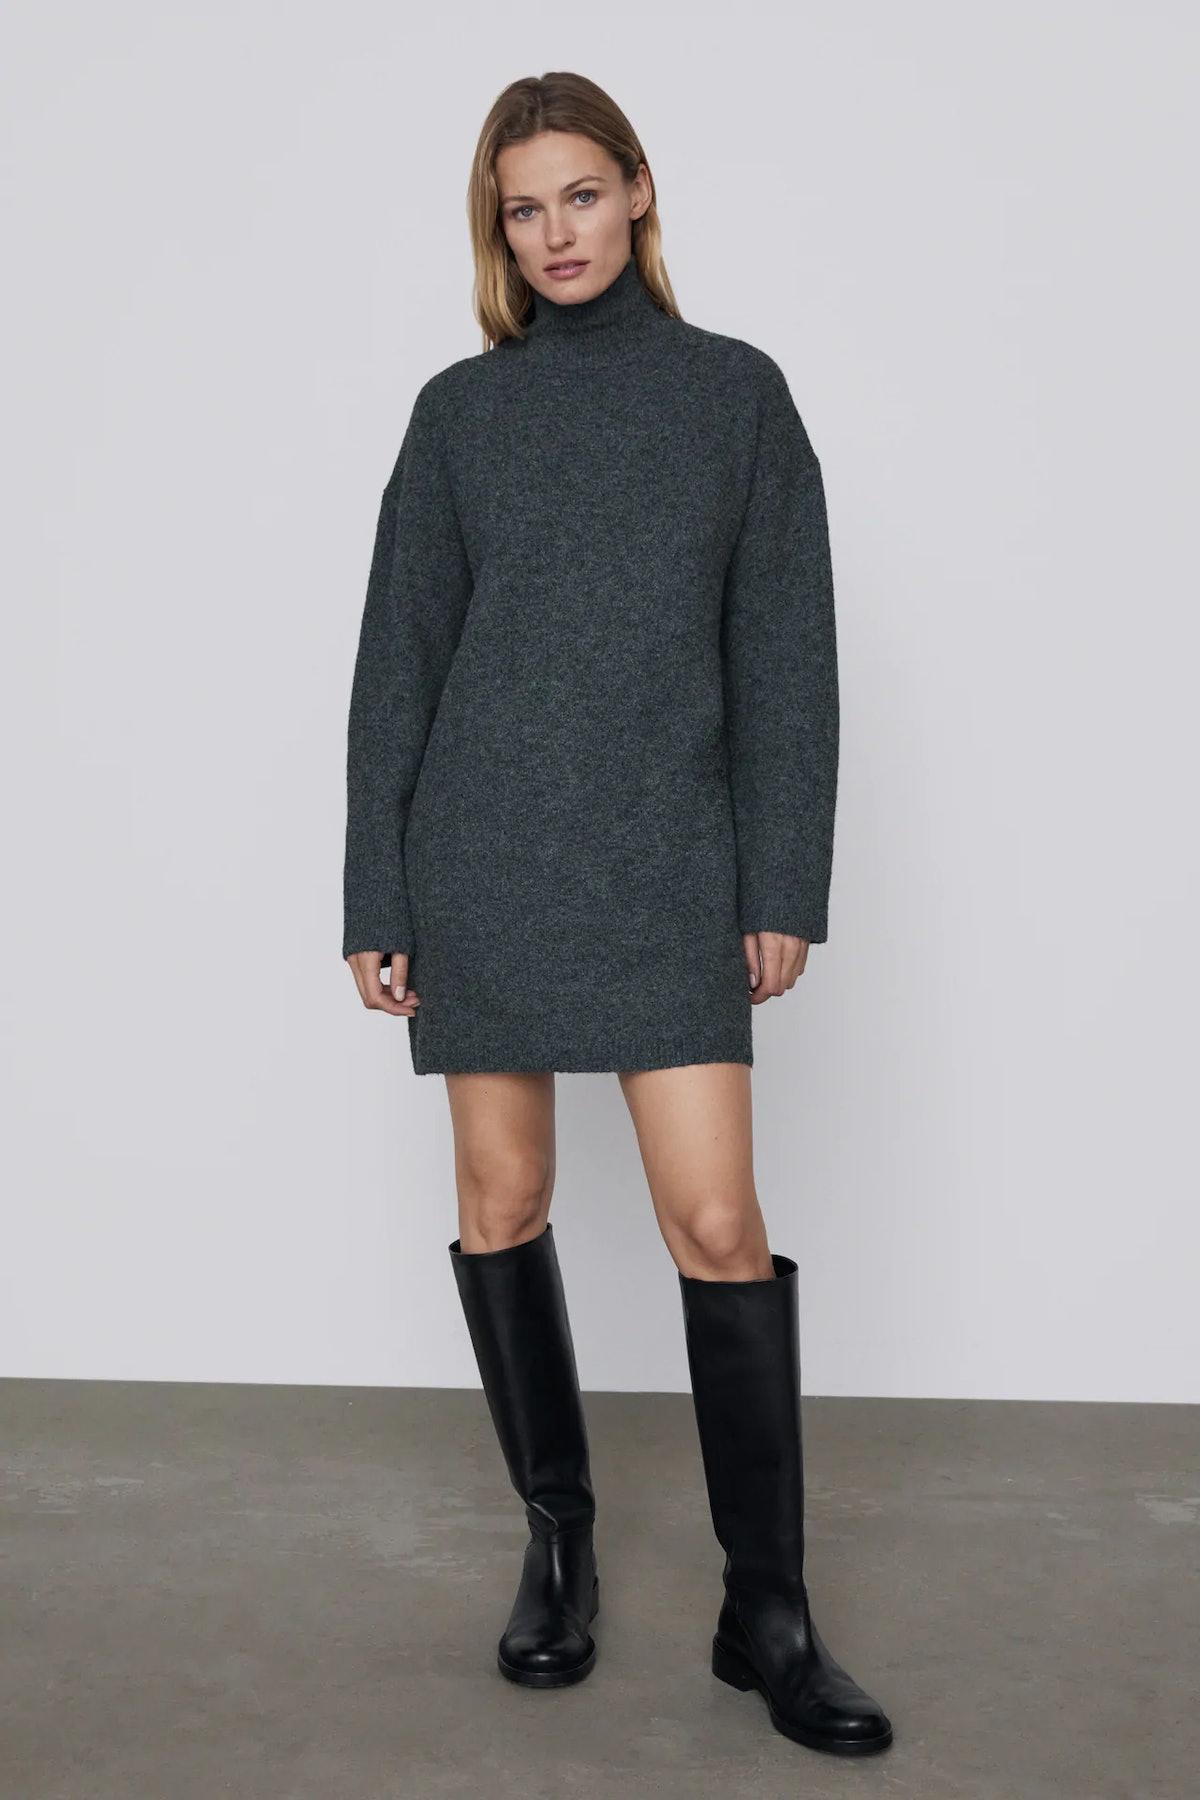 High Collar Knit Dress